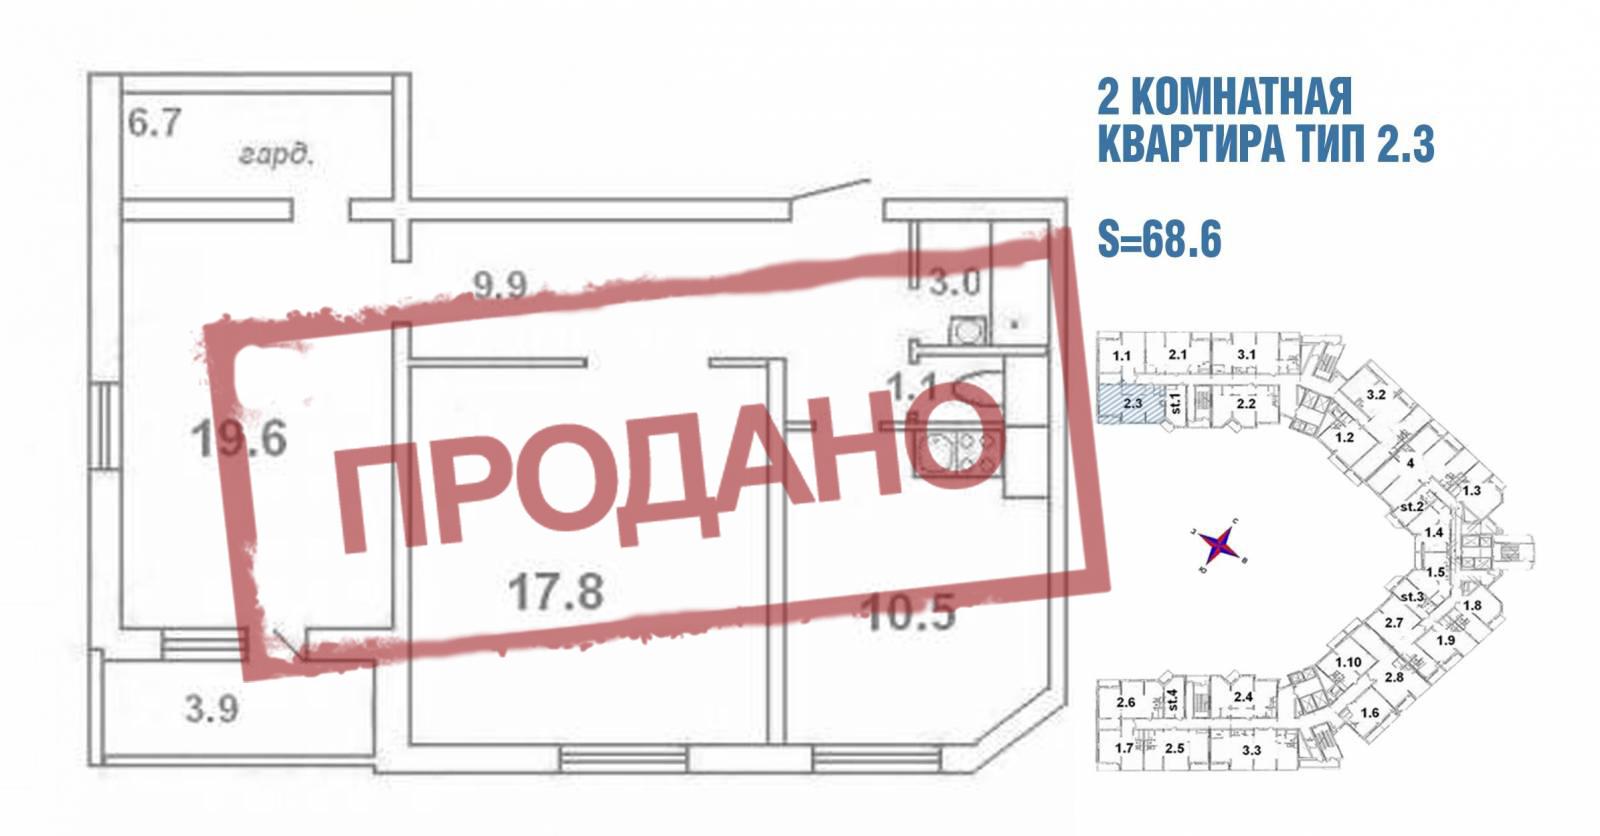 2-х комнатные квартиры тип 2.3 - 68,6 кв.м.